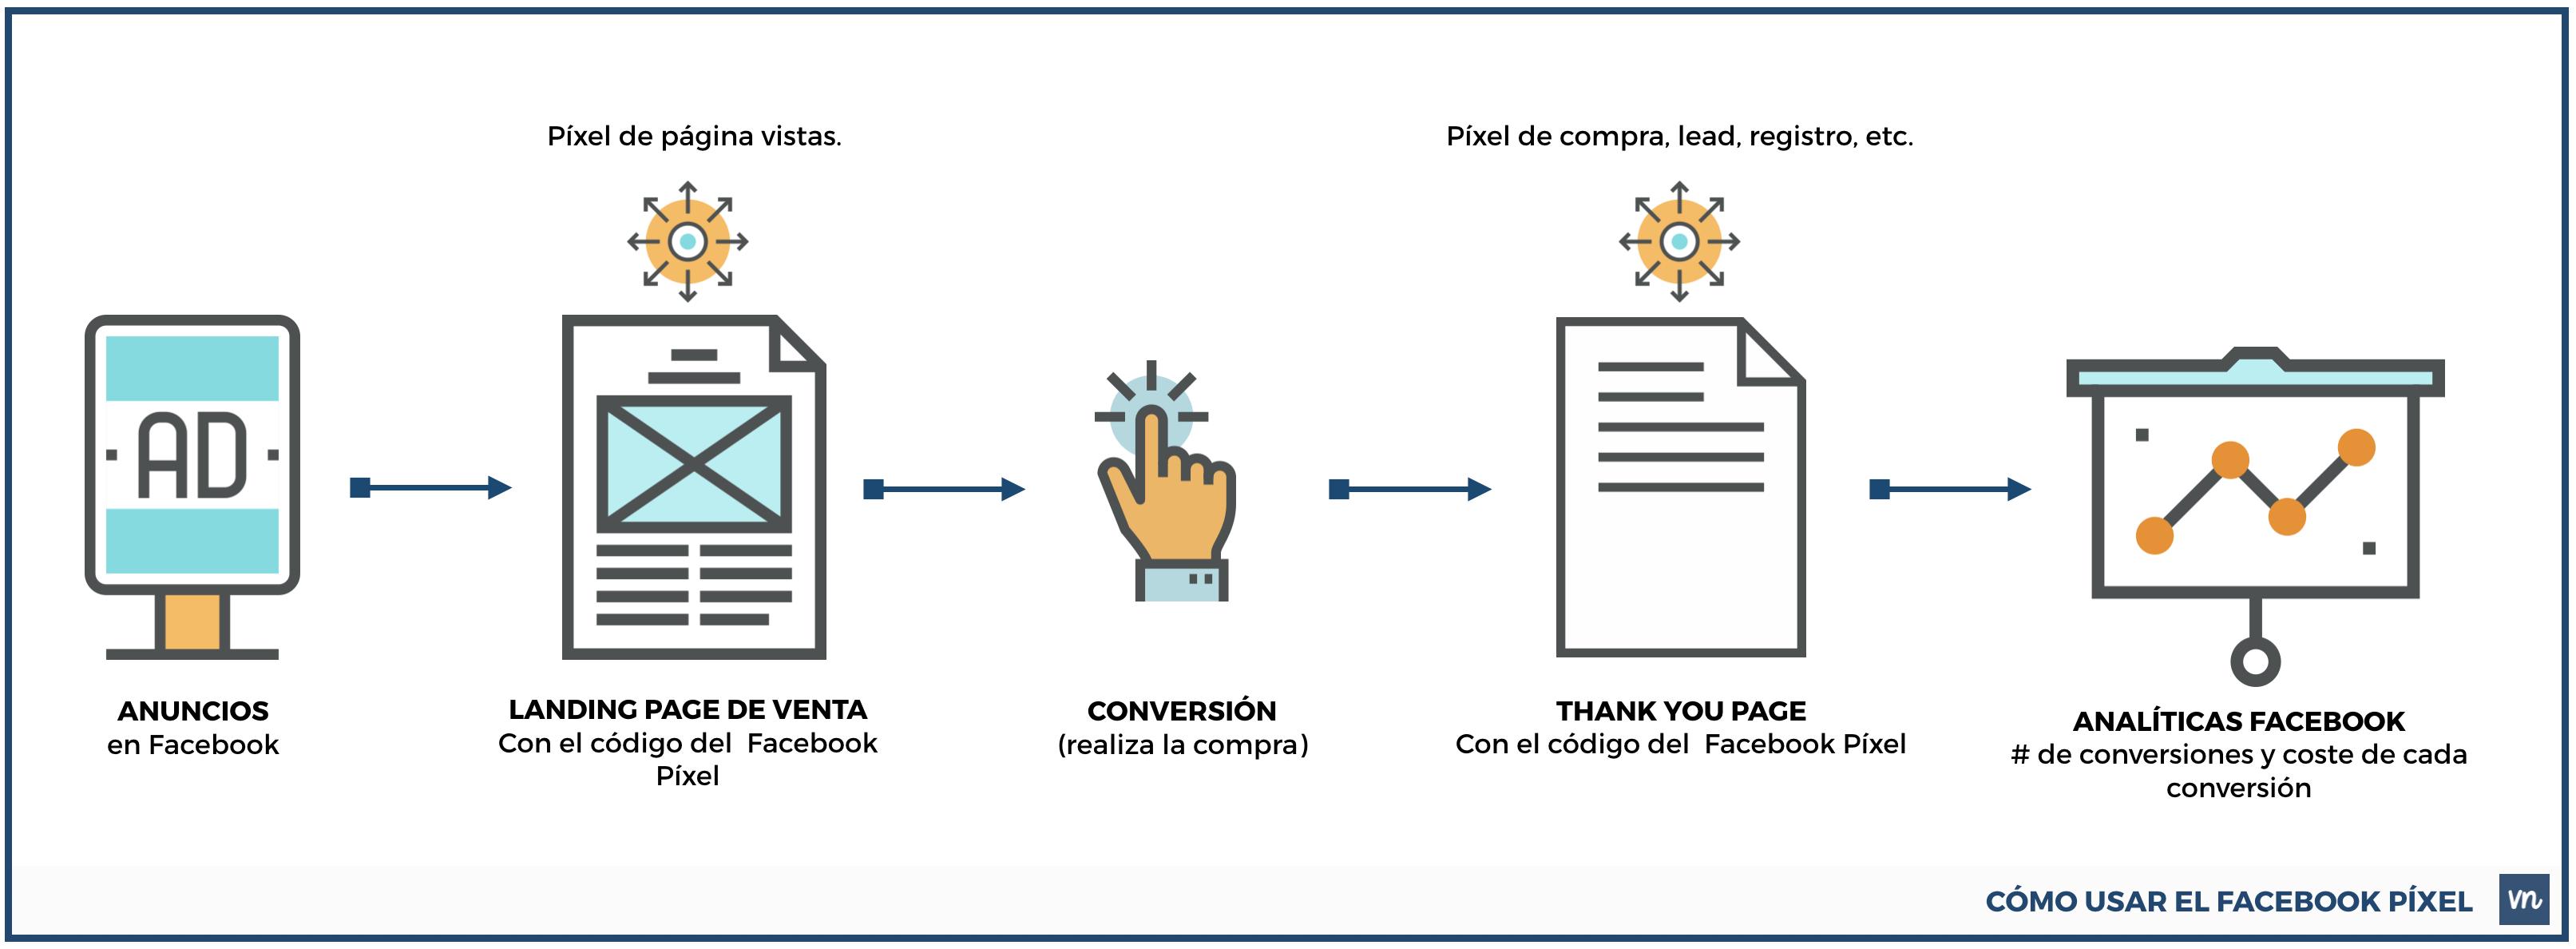 como usar el facebook pixel